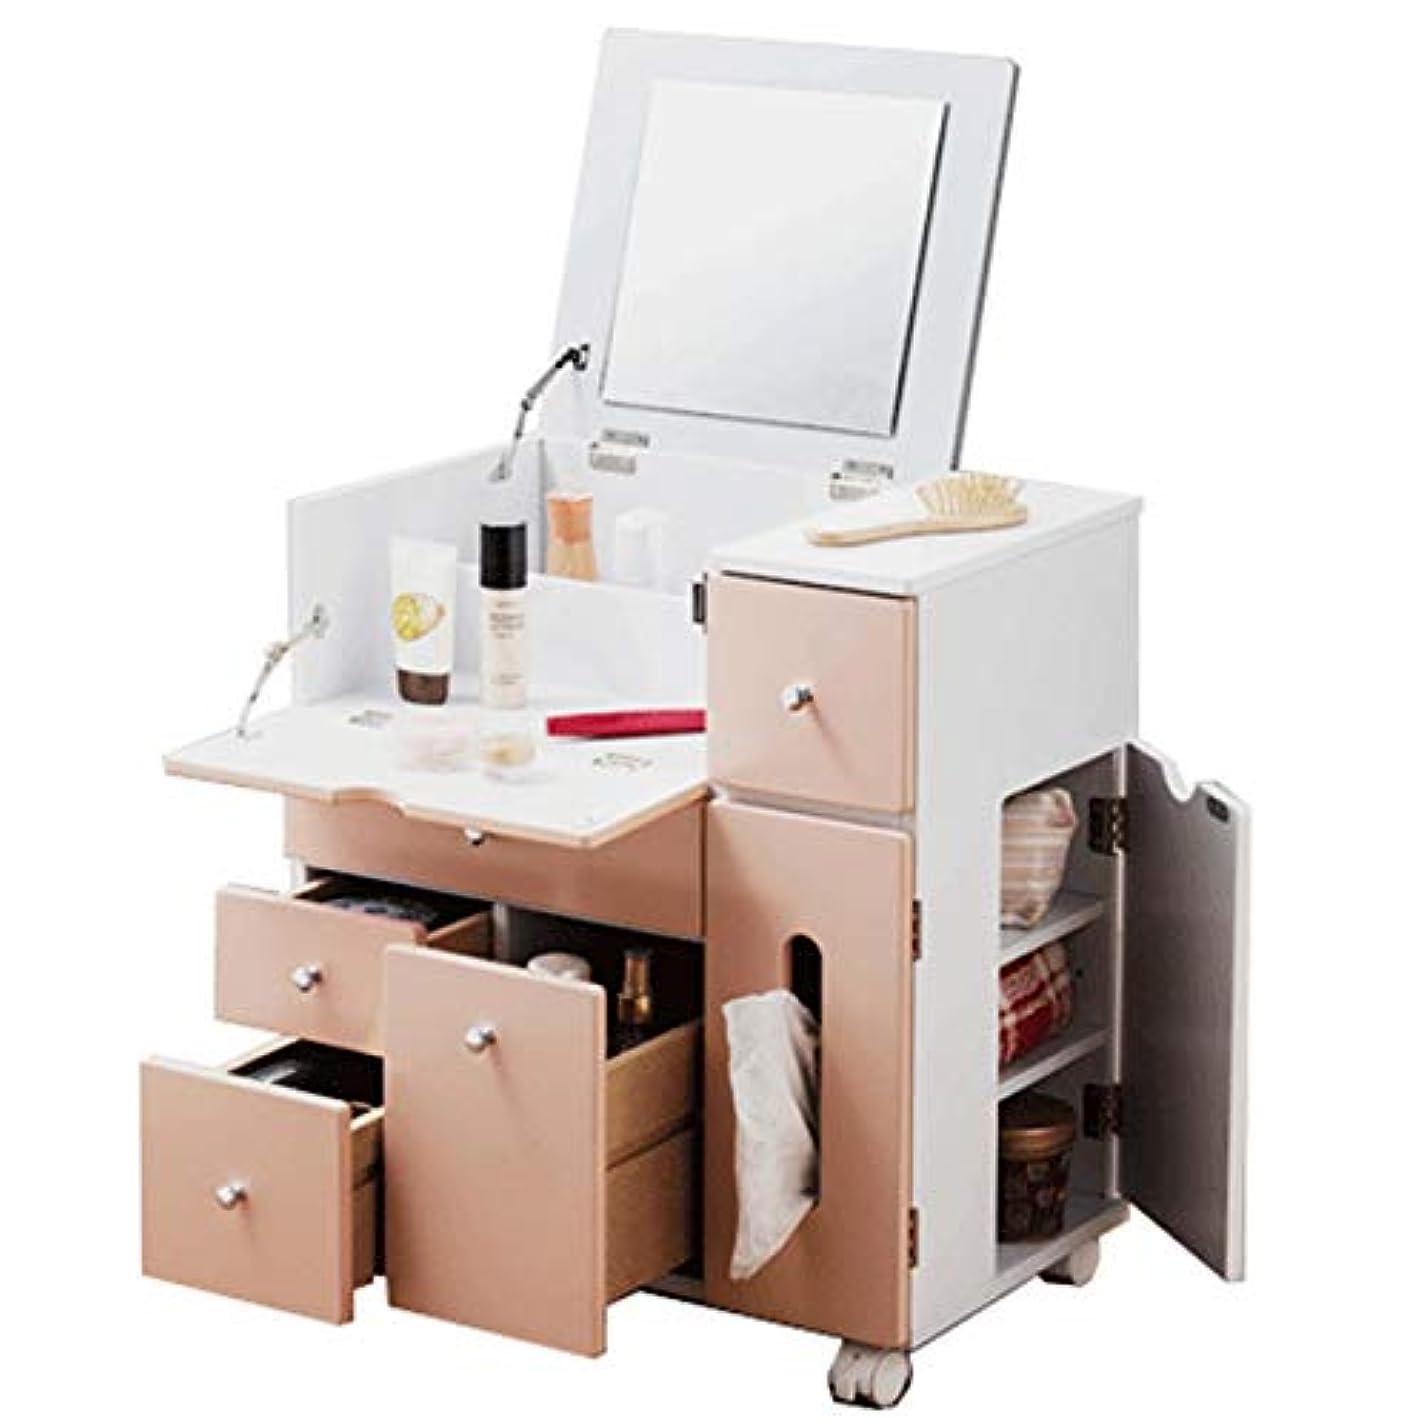 すべて便利信頼完成品 コスメワゴン コスメボックス 鏡台 ミラー 収納 シンプル 木製 Cosmetics Wagon メイクボックス ピンク